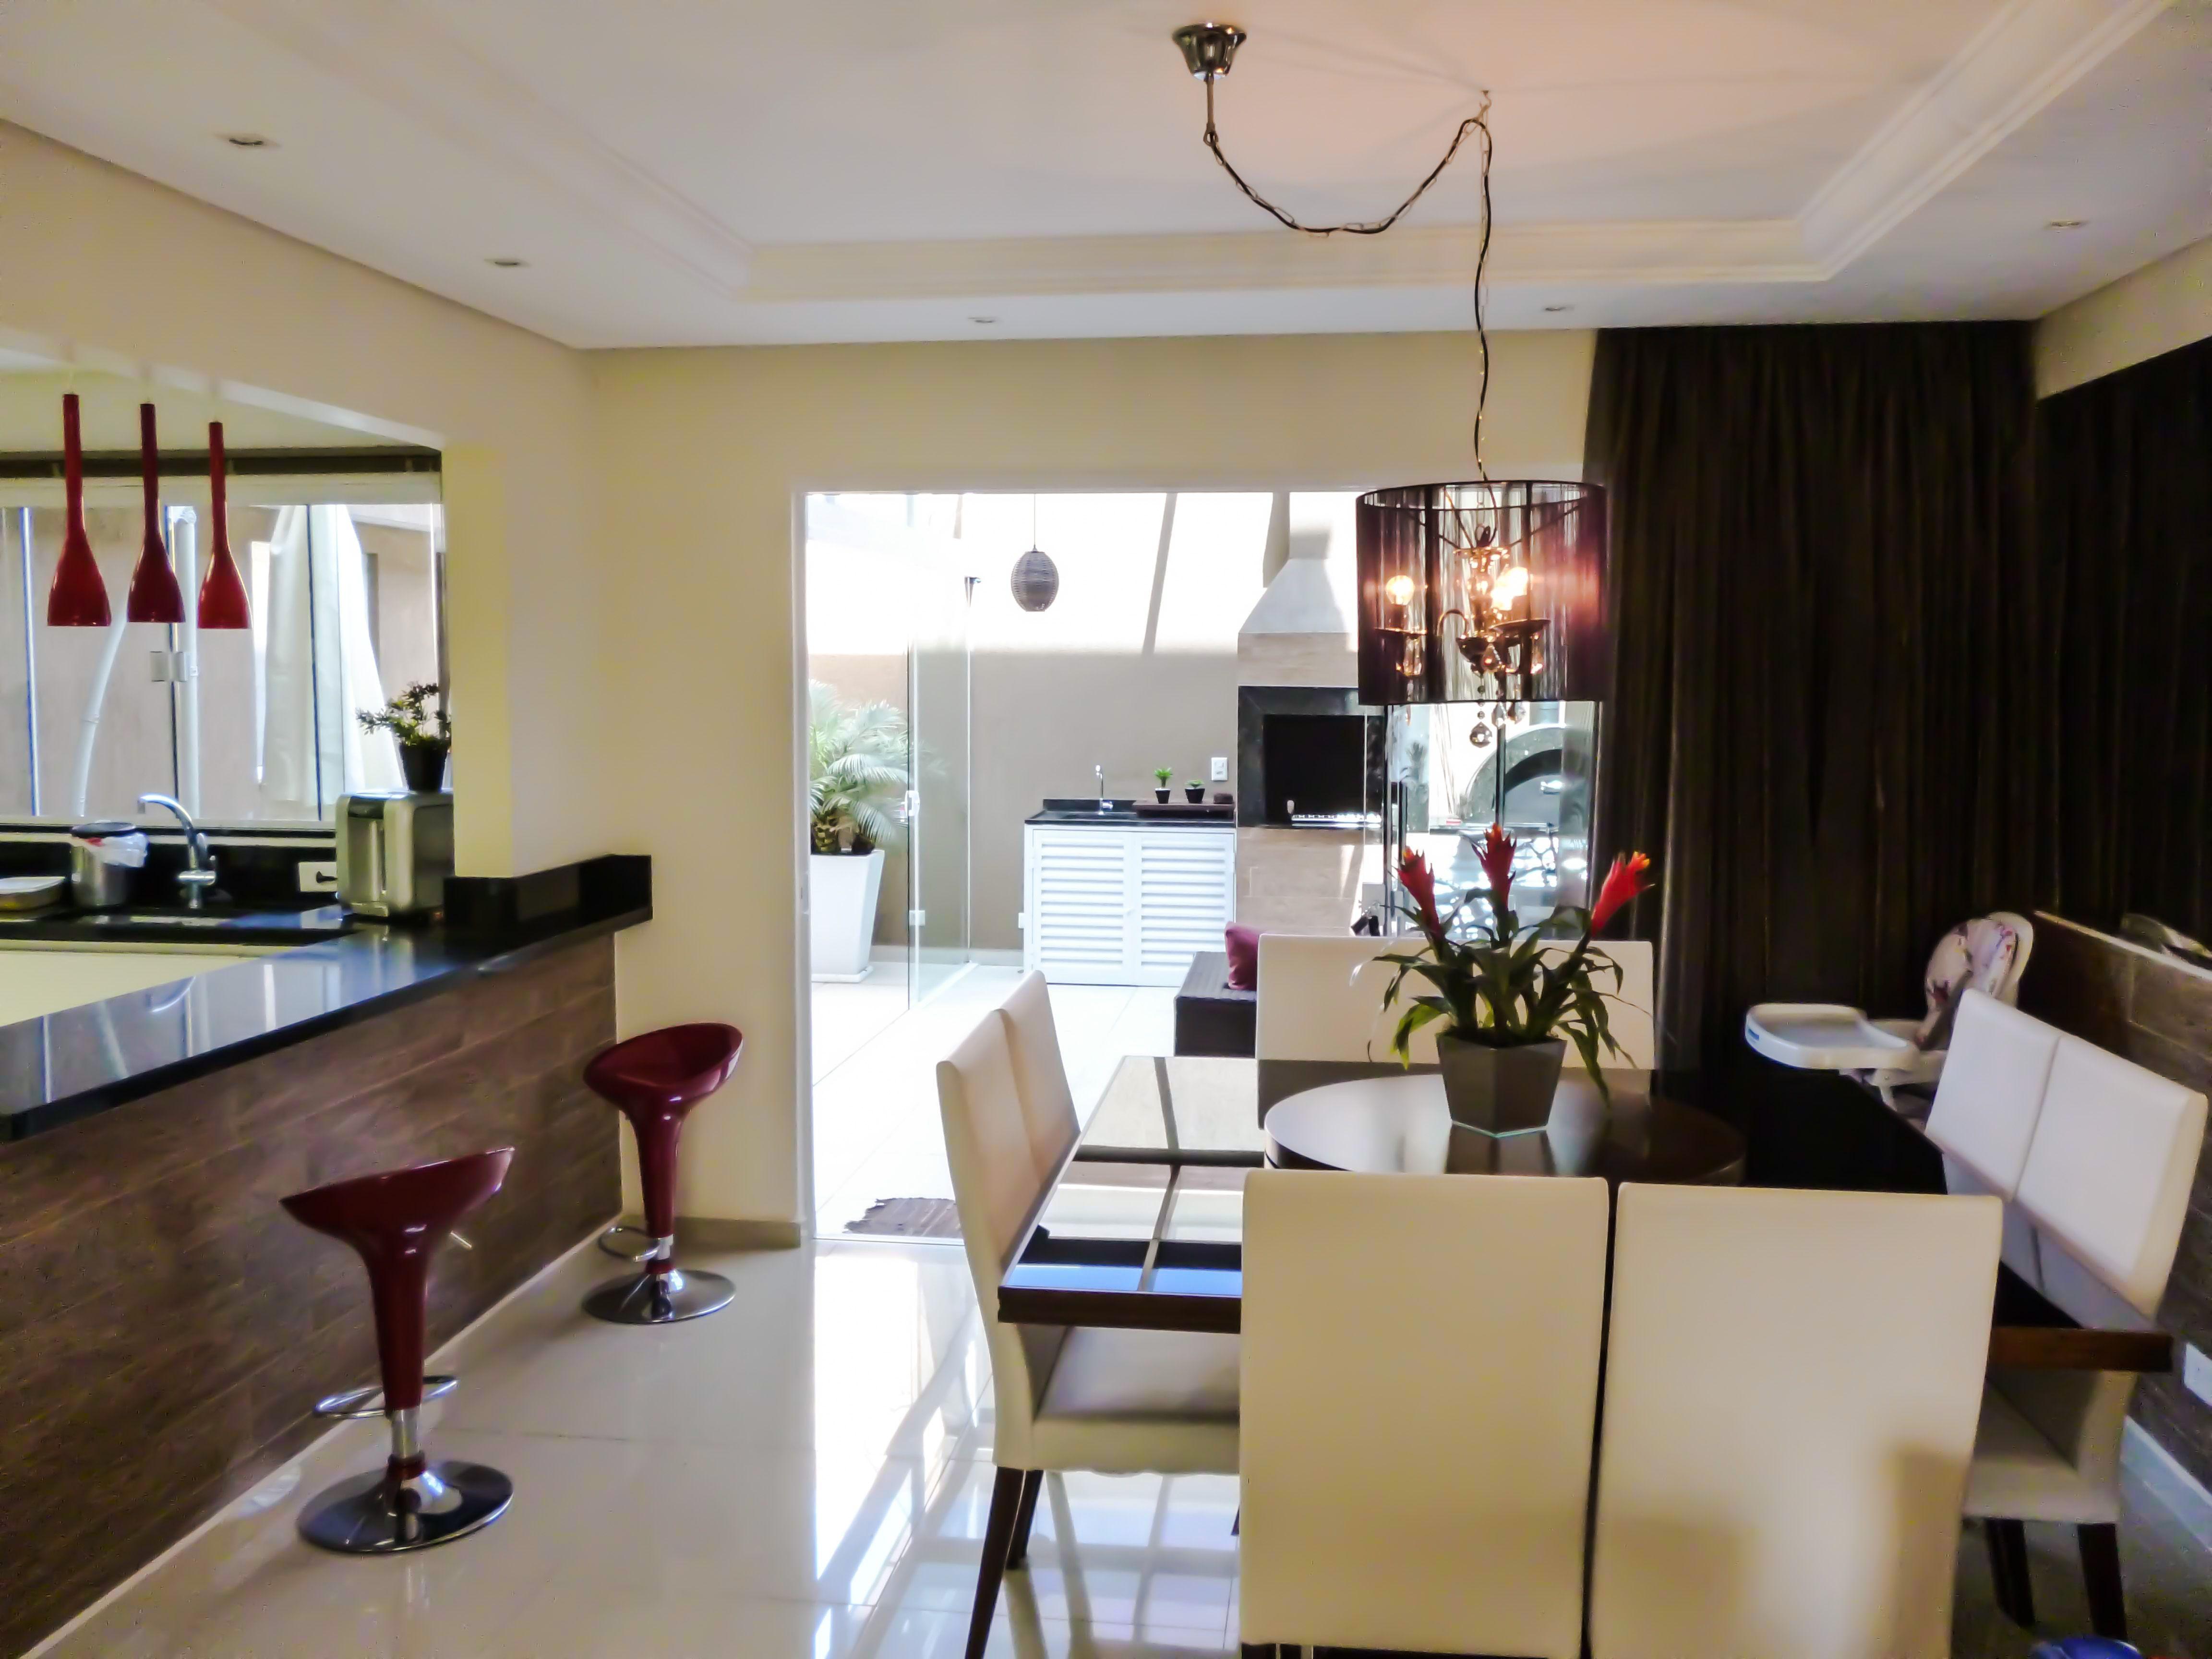 Projeto De Interiores Salas De Jantar E Estar Integradas A Cozinha  -> Divisor Sala E Cozinha